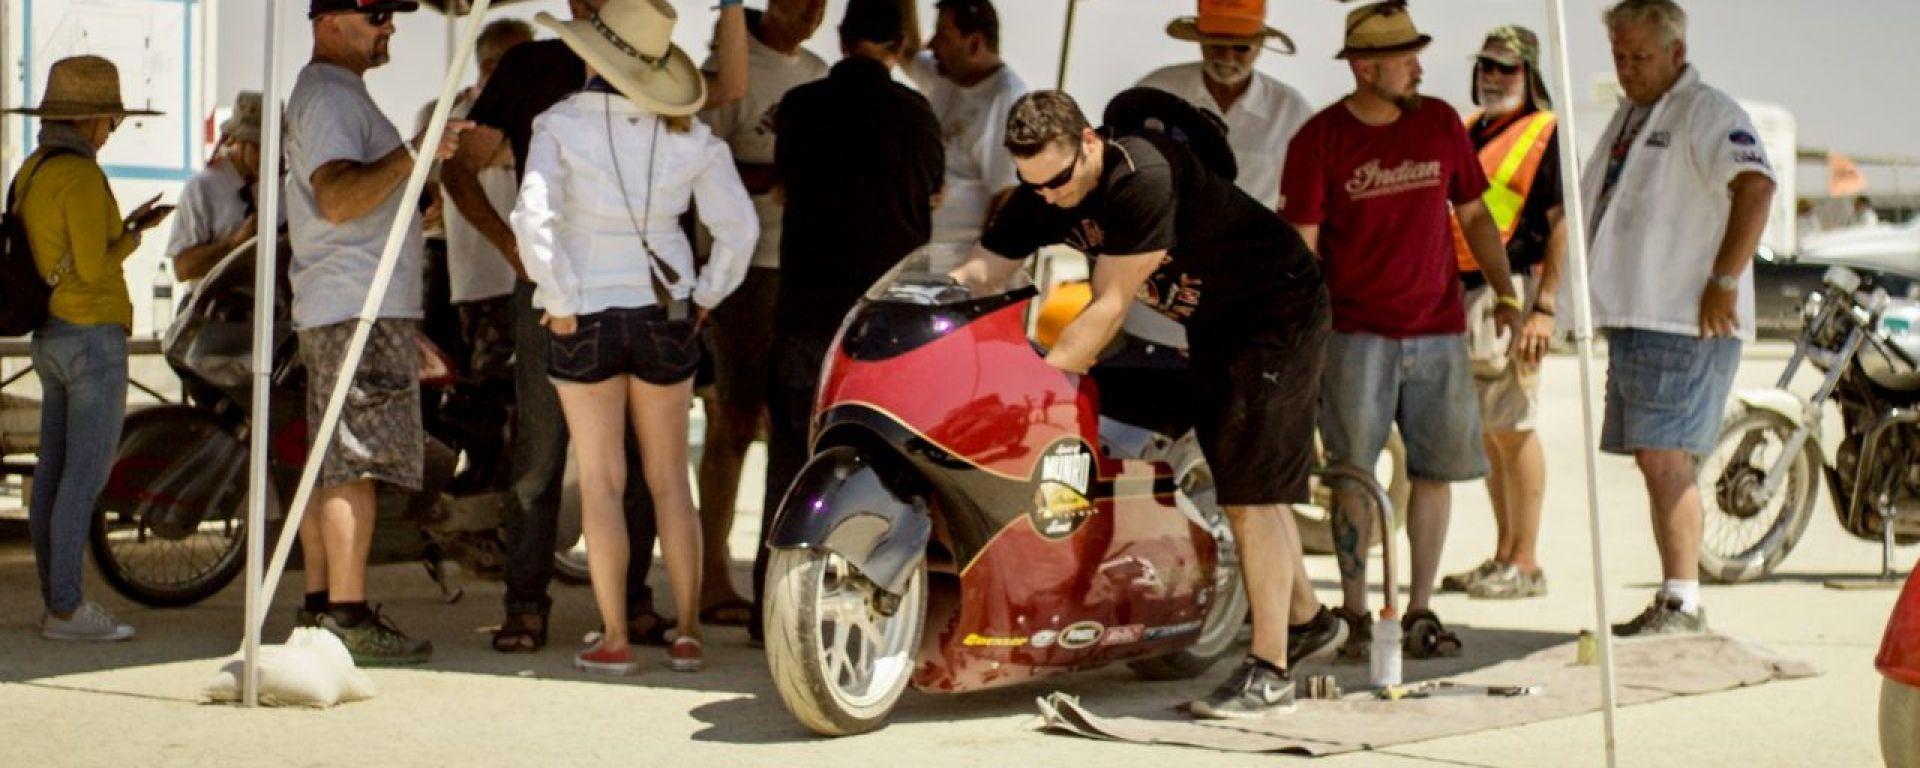 Indian Motorcycles Spirit of Munro